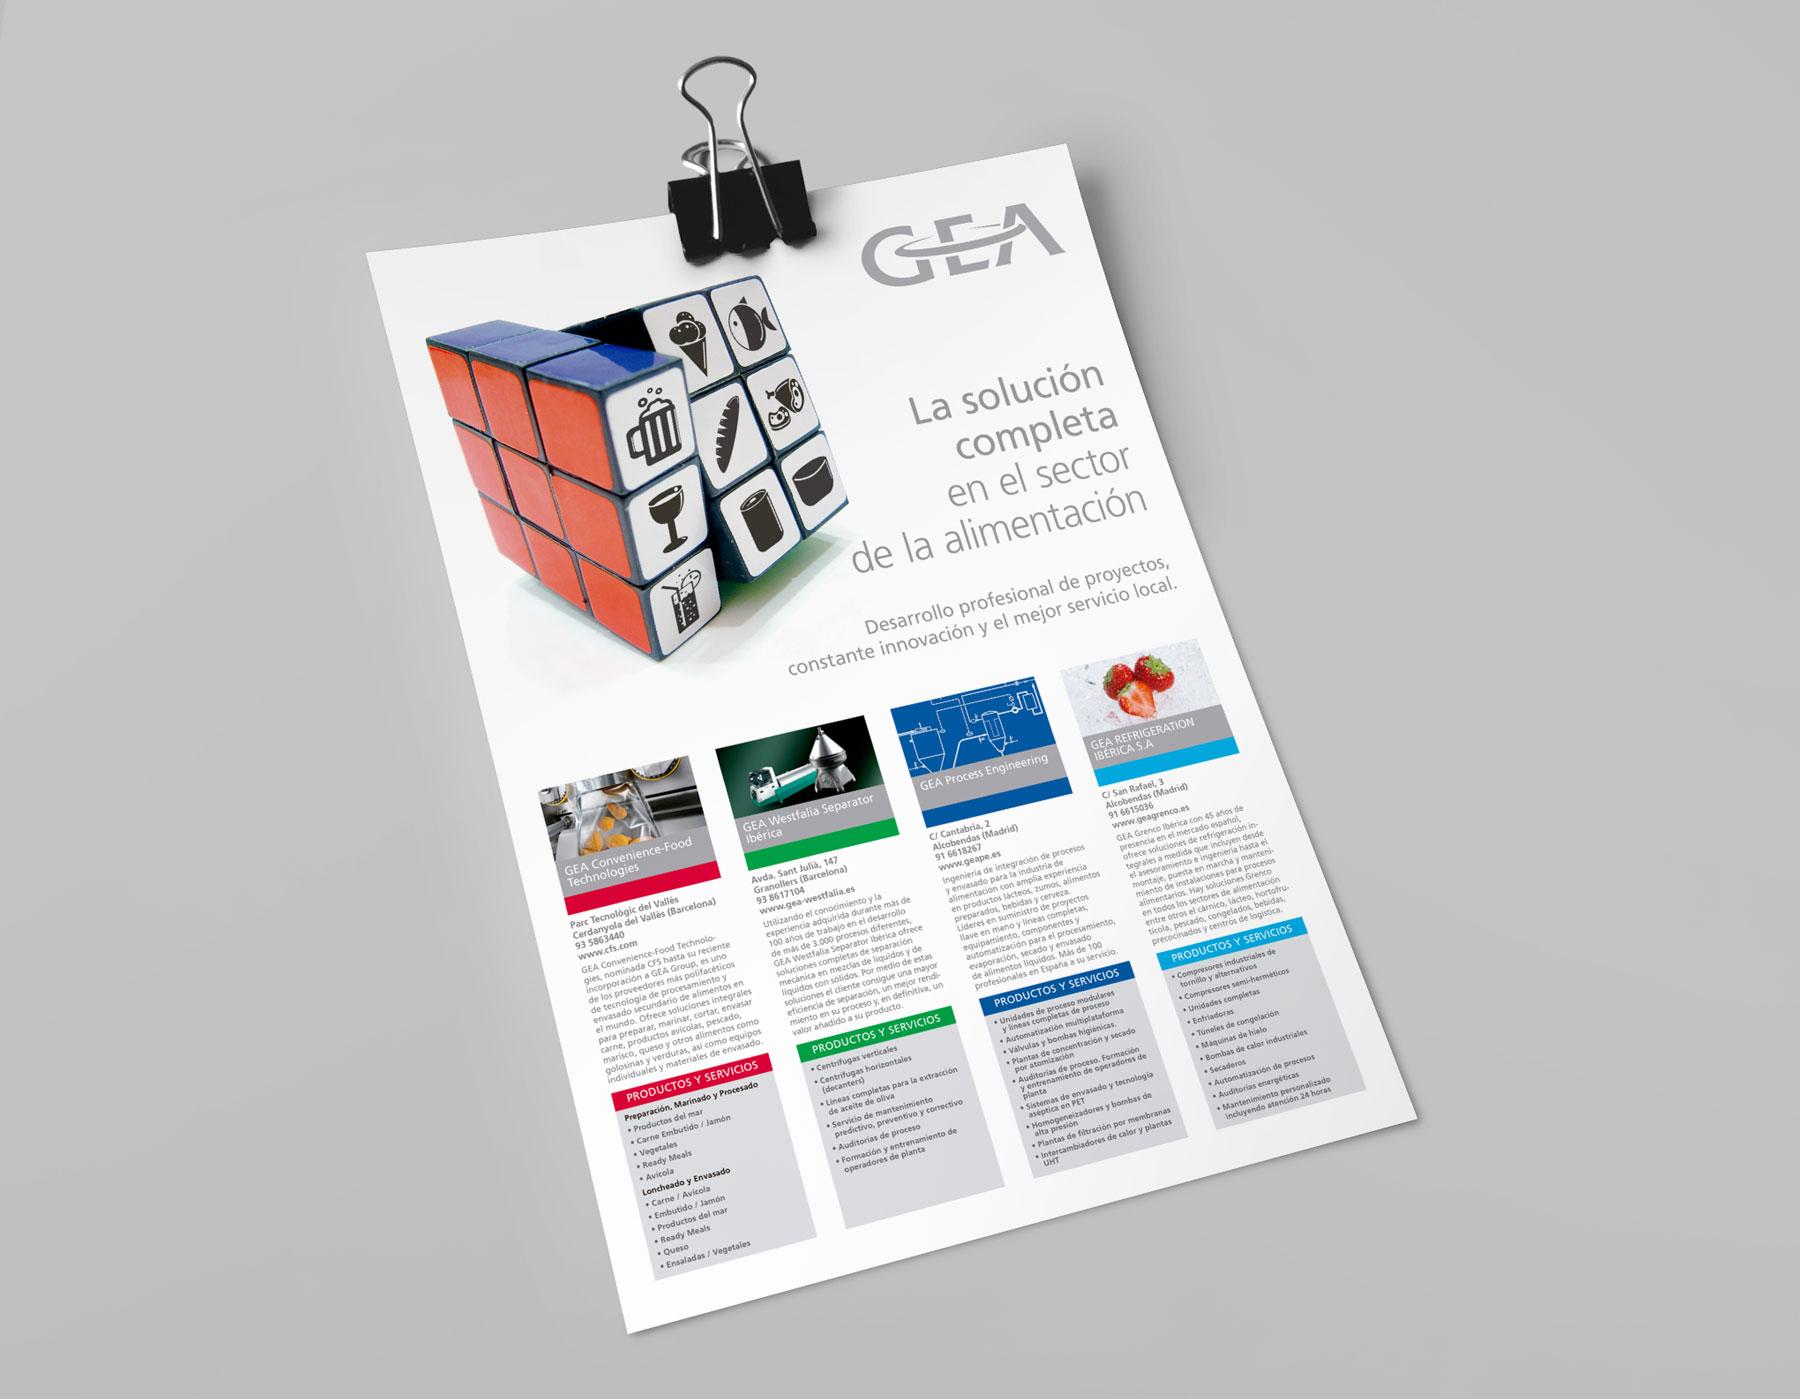 gea-anuncio-07